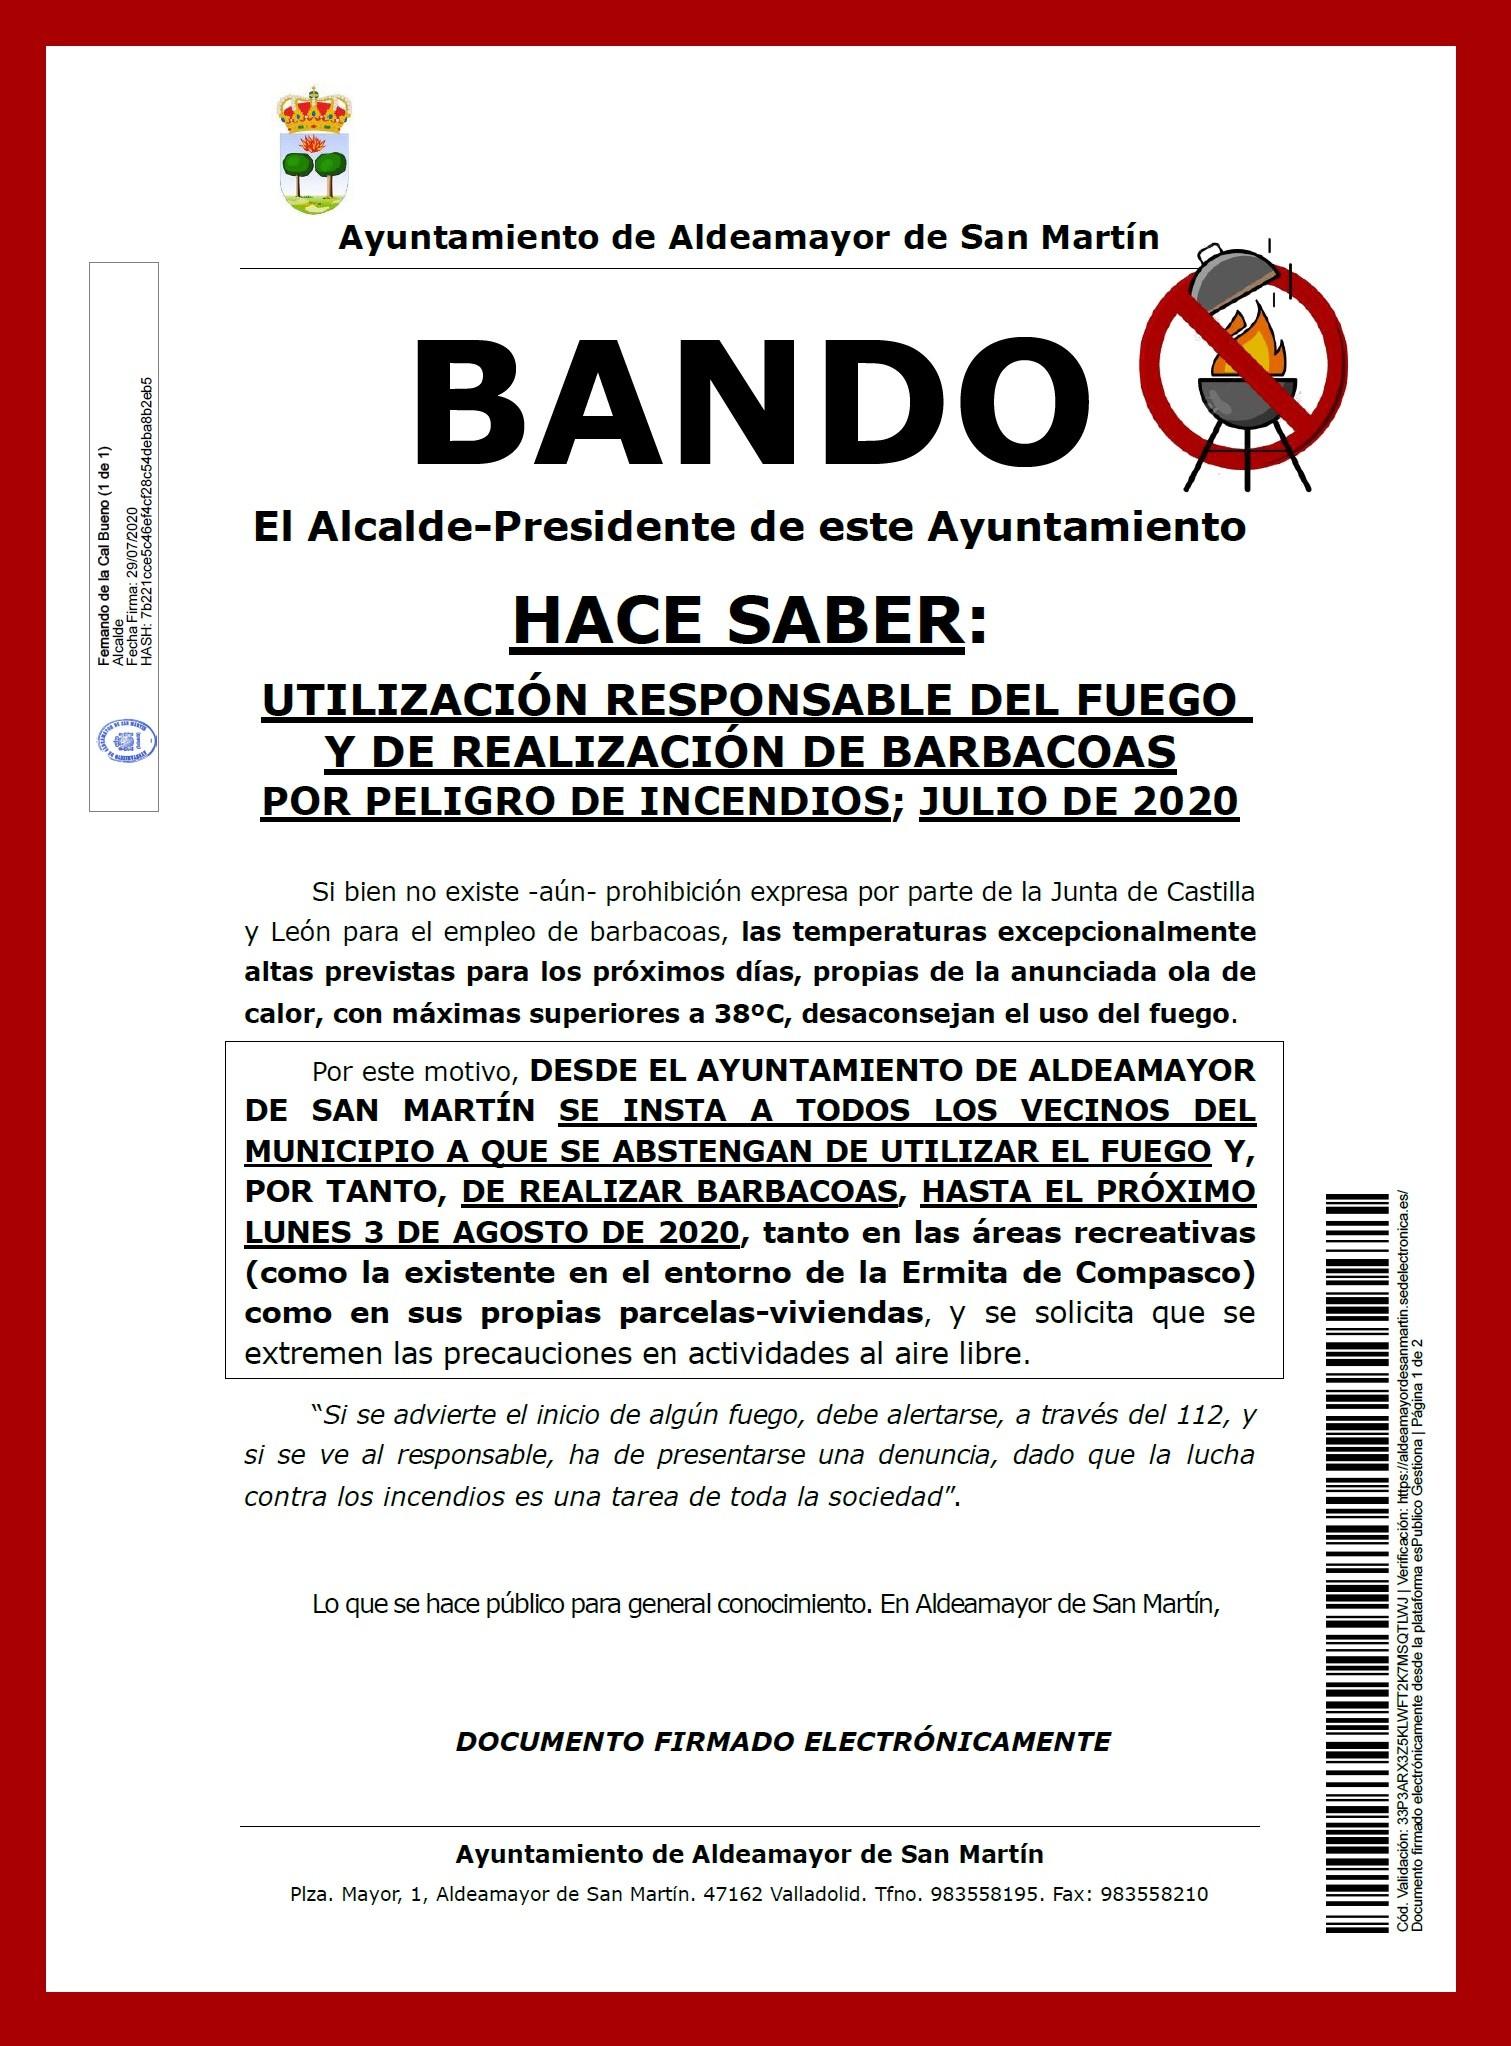 Bando precaucion uso del fuego barbacoas y peligro de incendios Julio 2020 Firmado